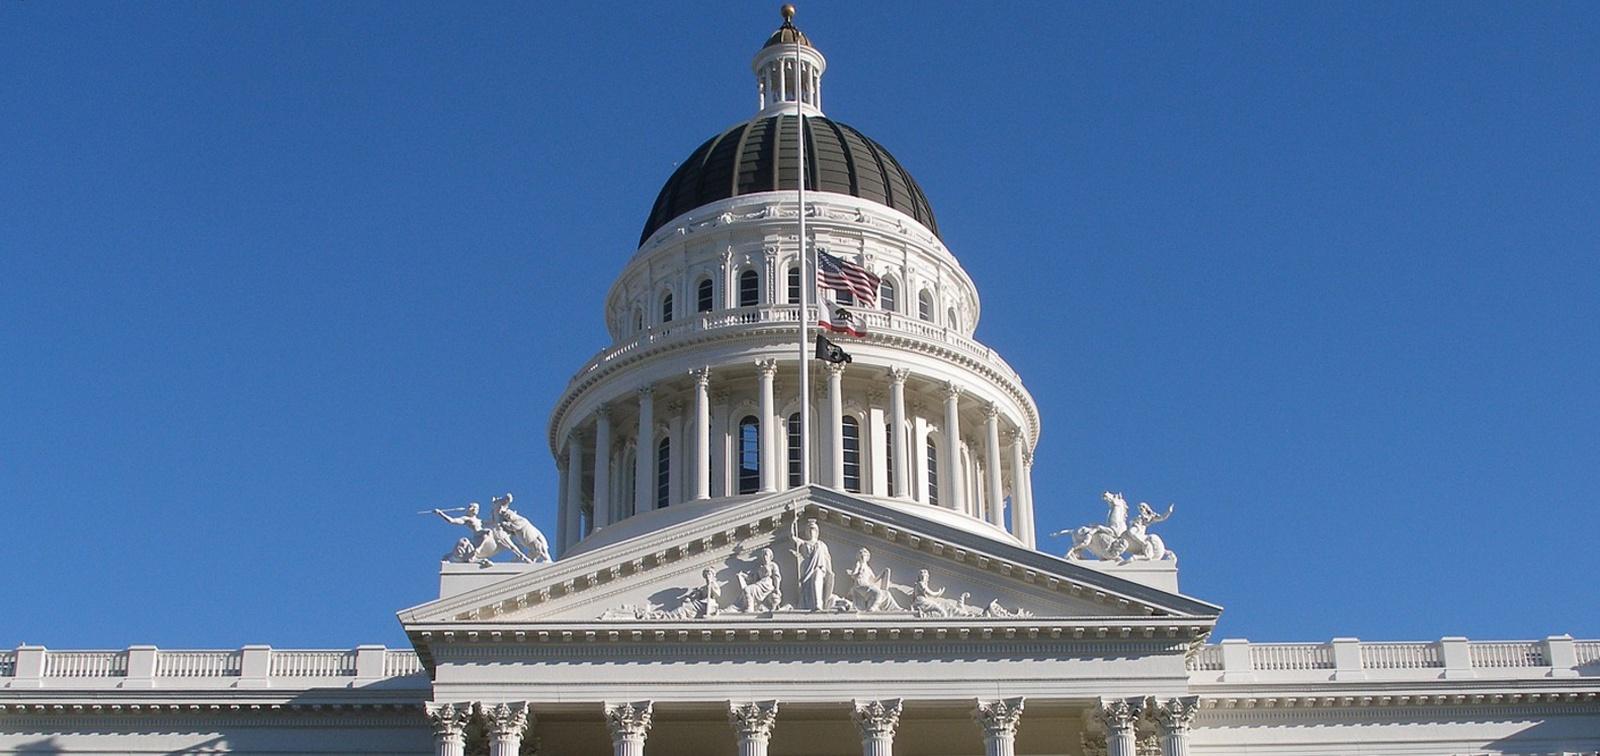 'Backstop' bill to turn PG&E into non-profit headed to California governor's desk